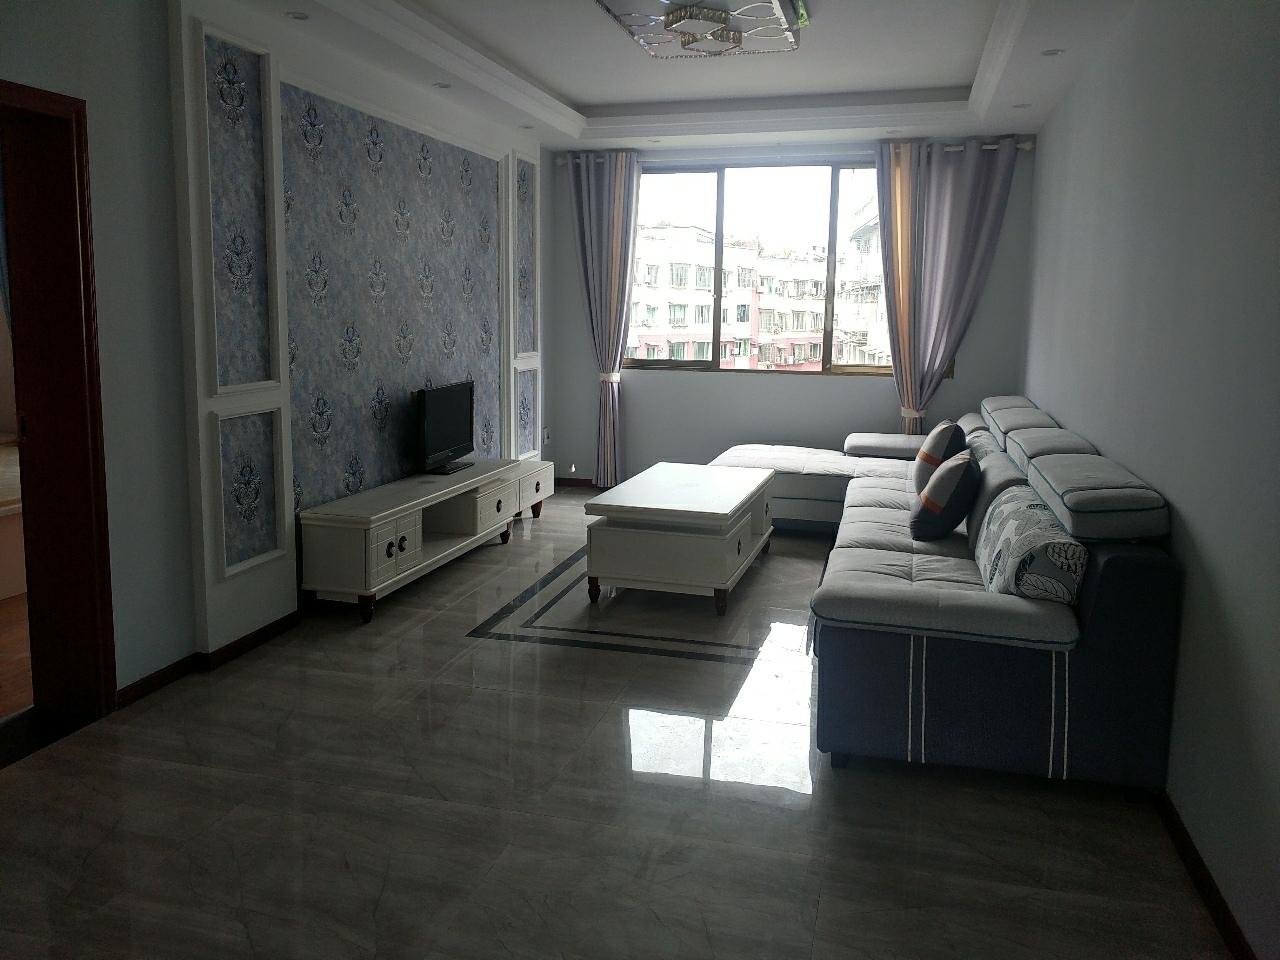 老卢巷精装3室2厅2卫130平5楼49万